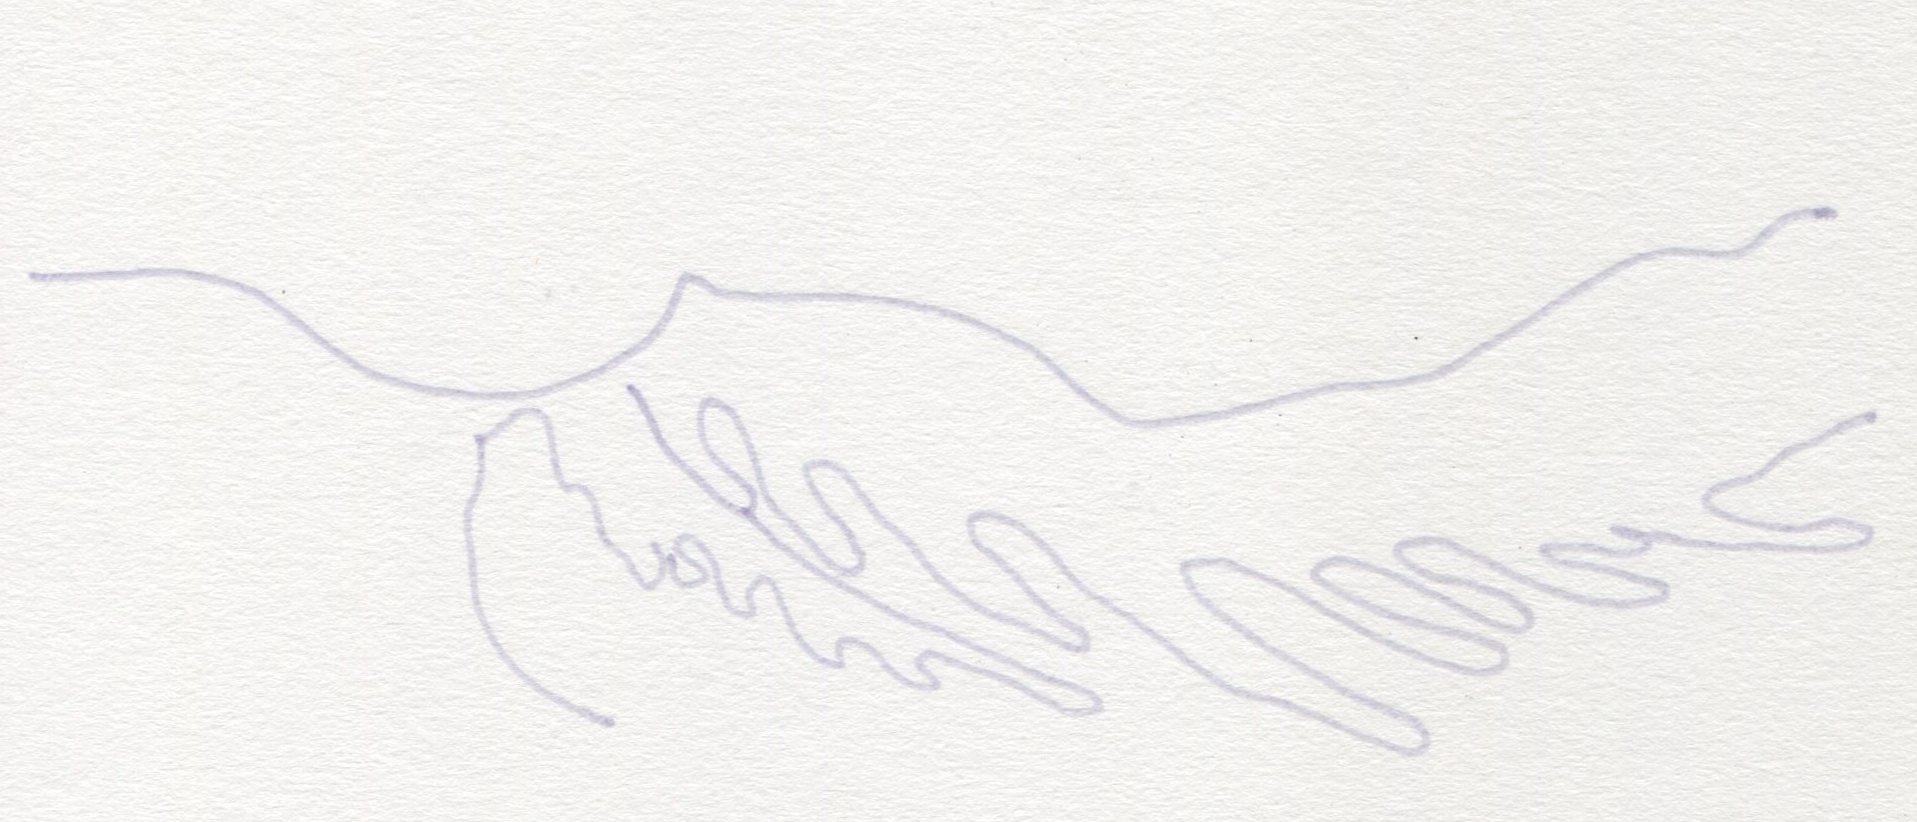 Wave & Drop illustration #9.jpg